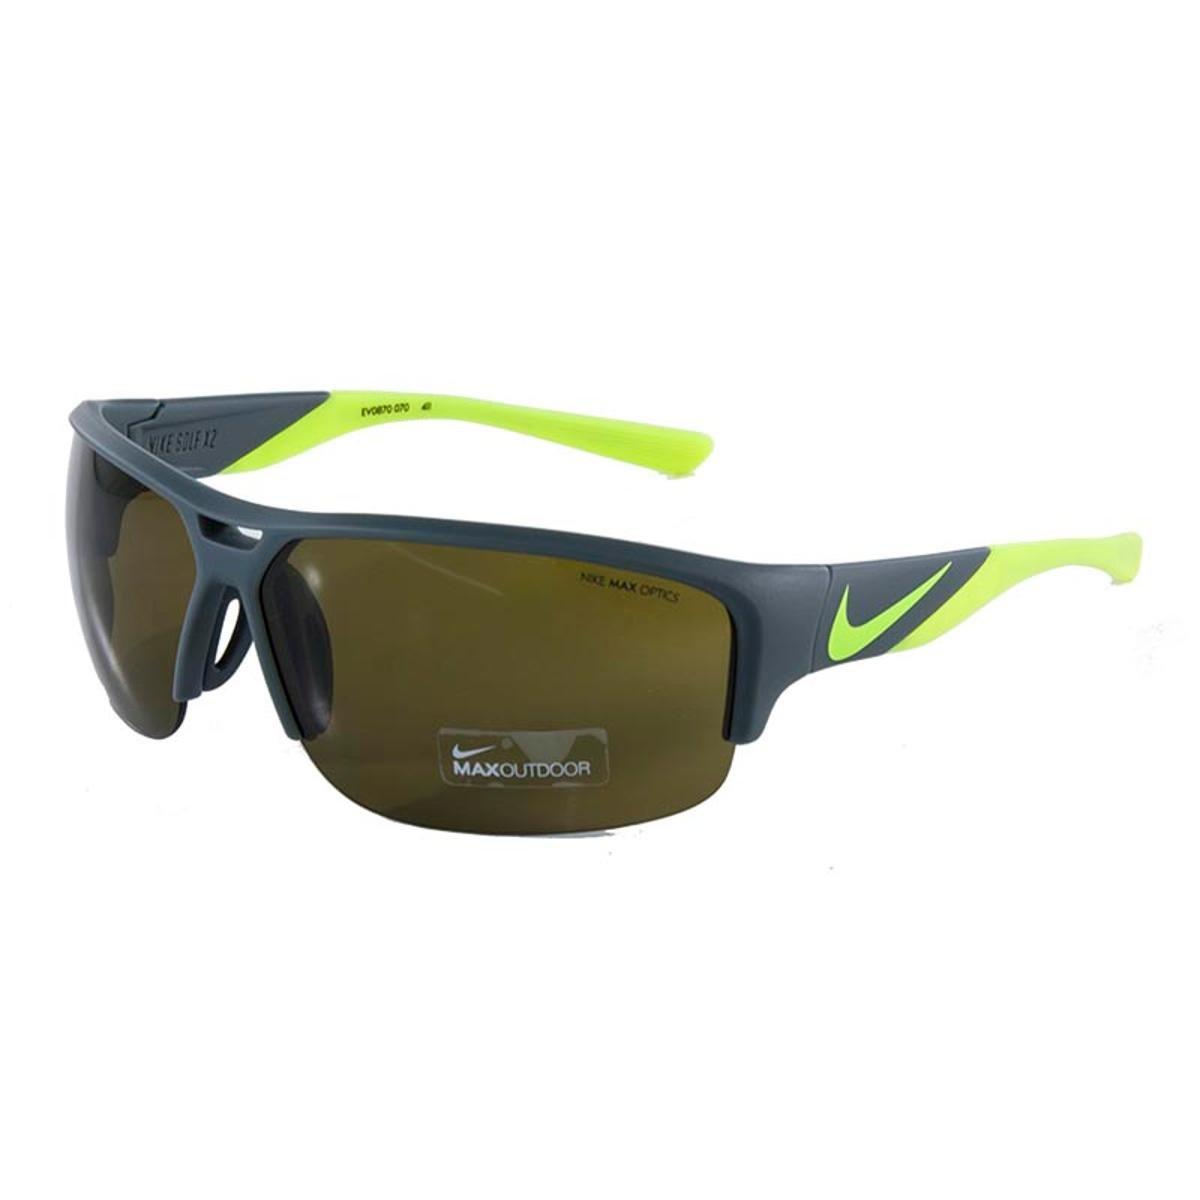 Óculos de Sol Nike GOLF X2 EV0870 - Compre Agora   Netshoes 98b483603c